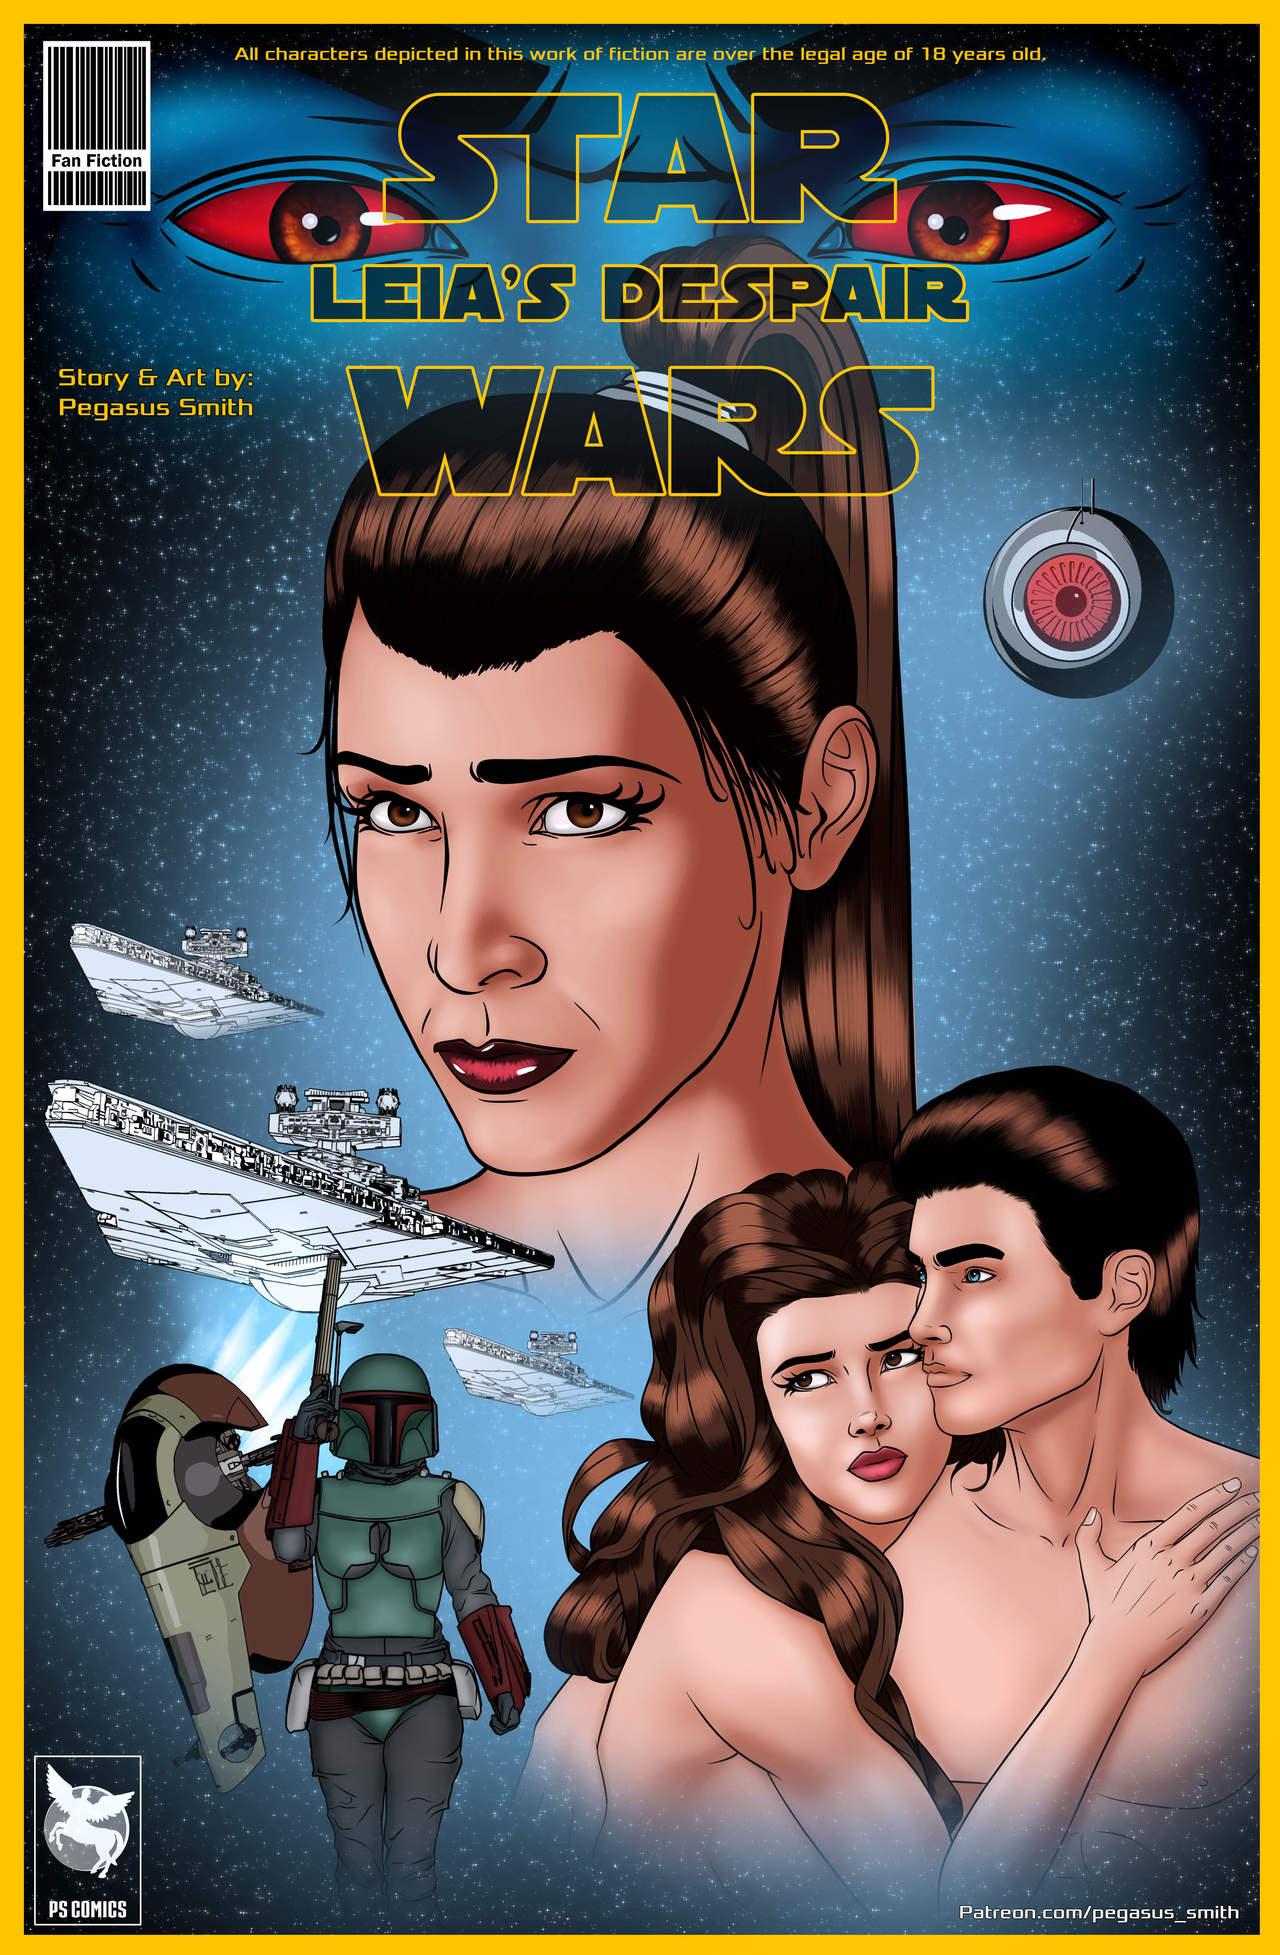 Clone Wars komiks porno seks szczeliny odbytu